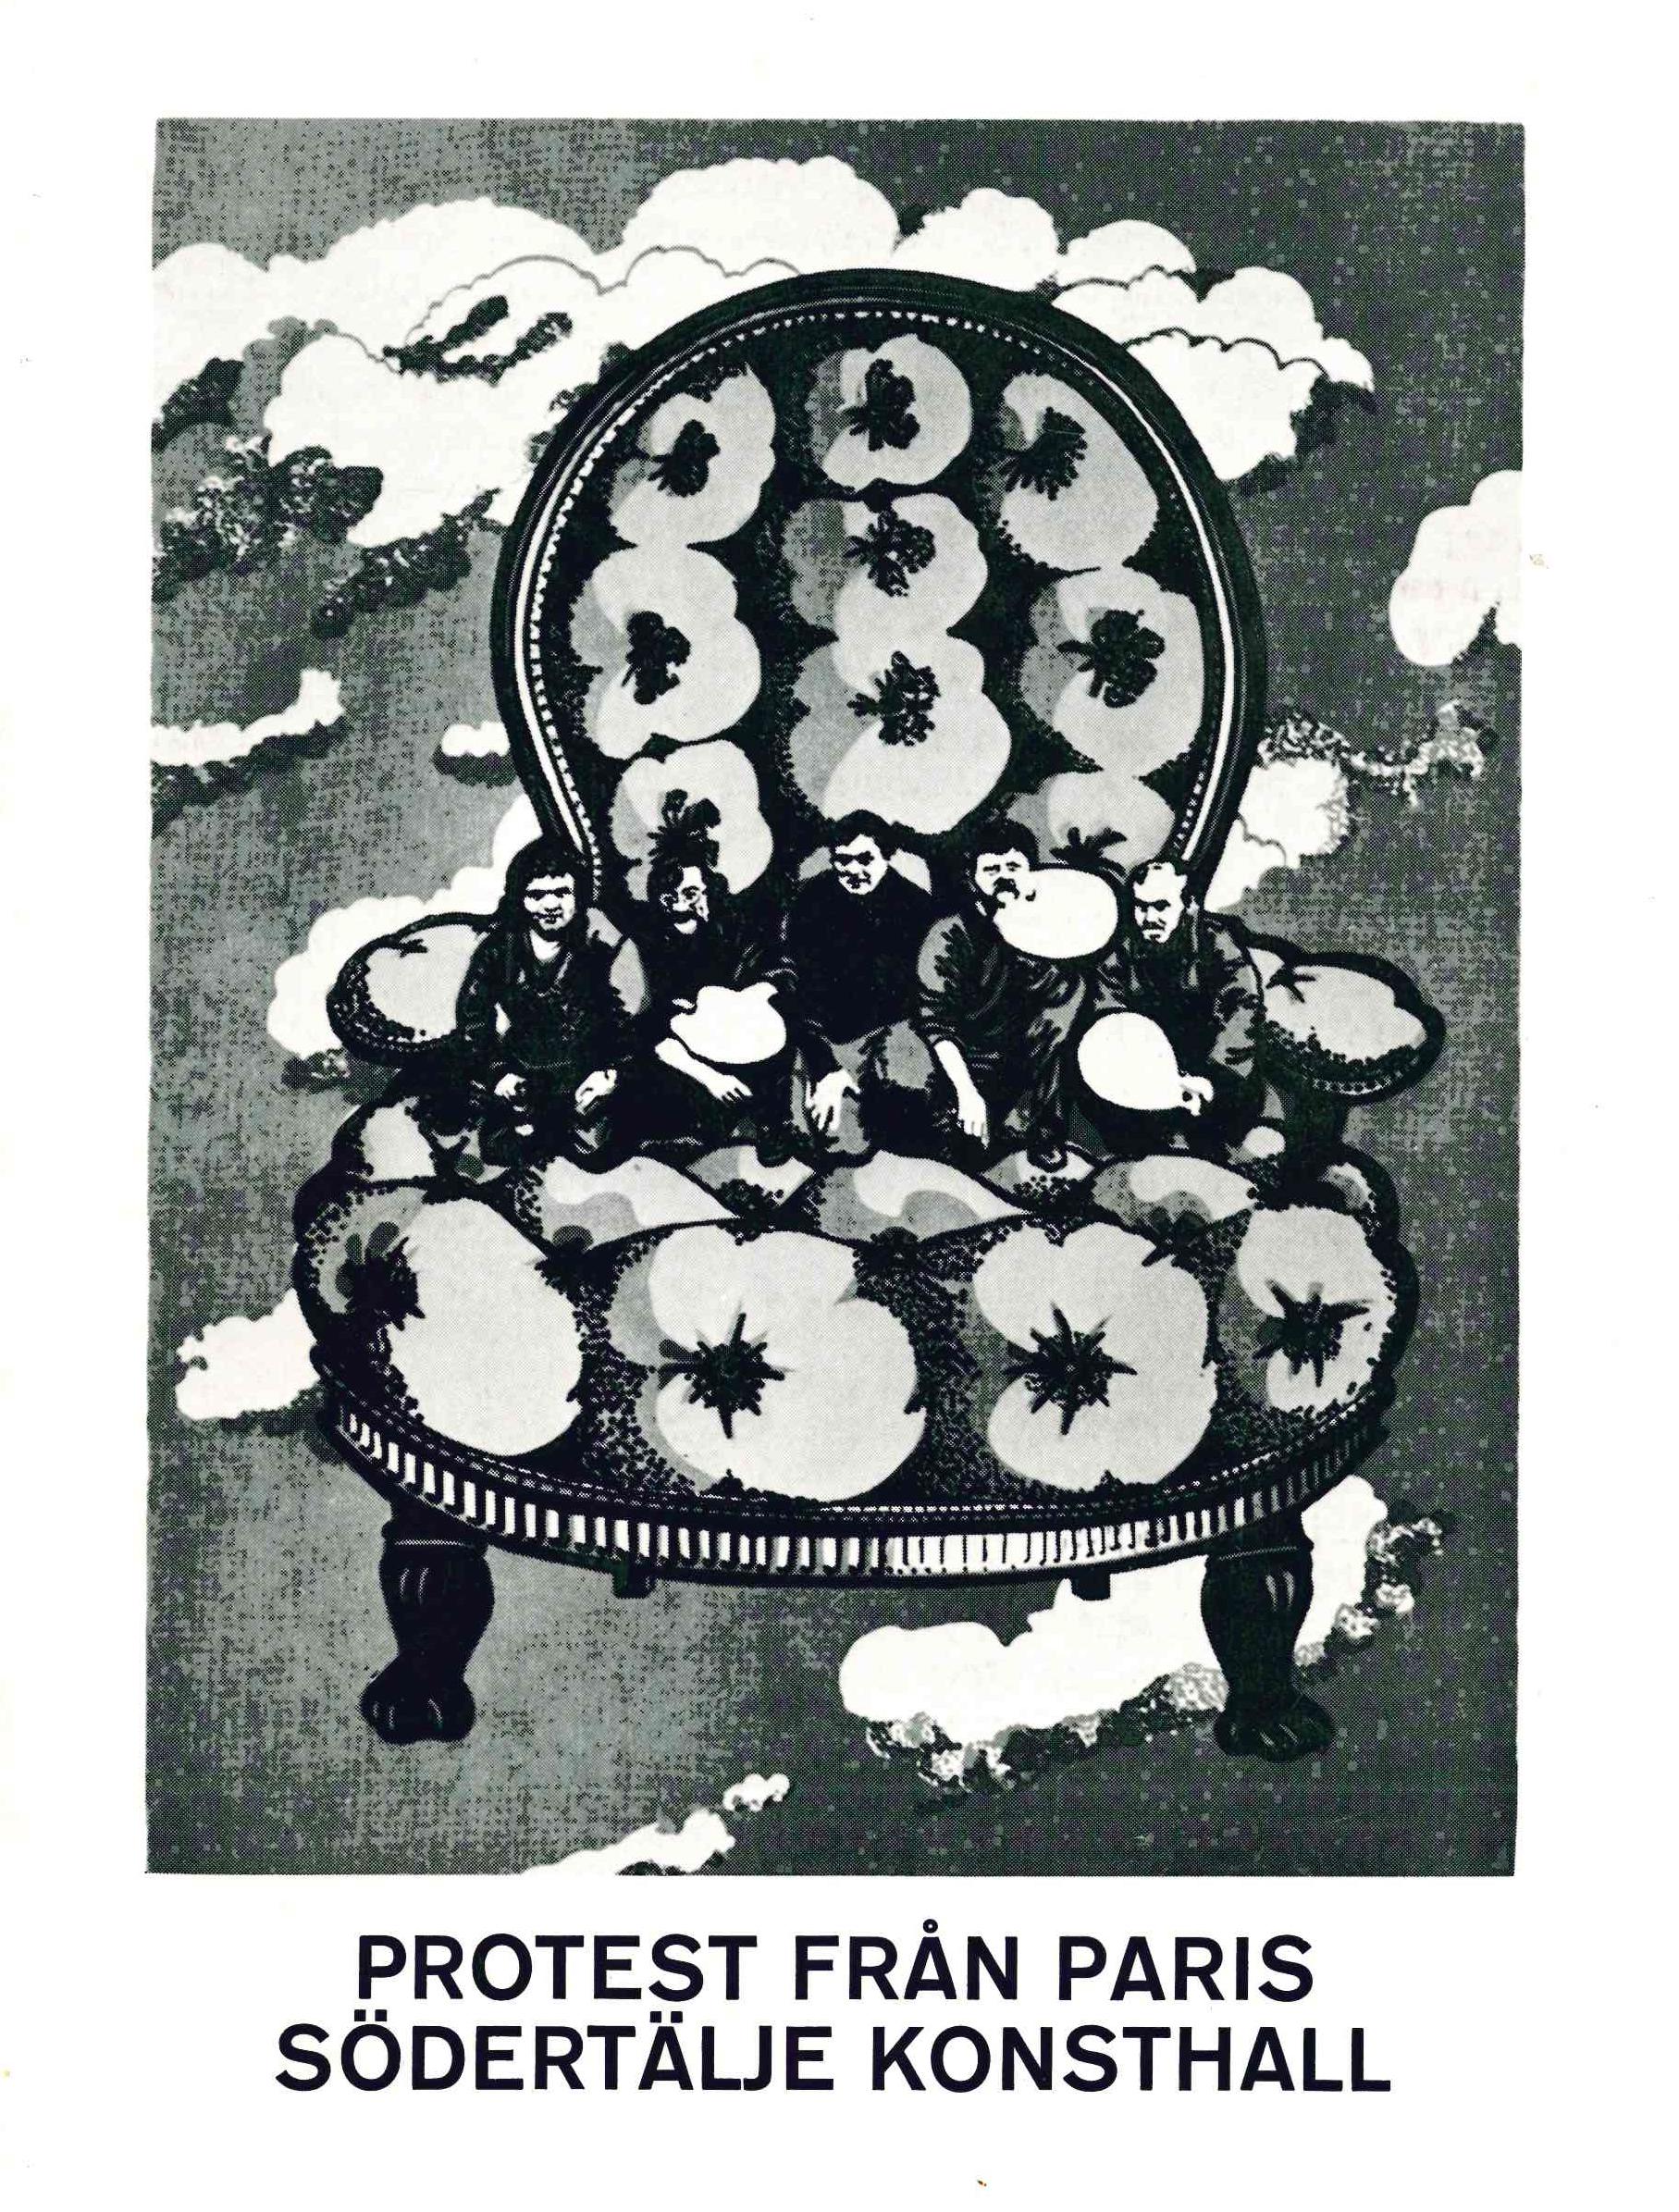 Omslag från katalog i svart-vitt.